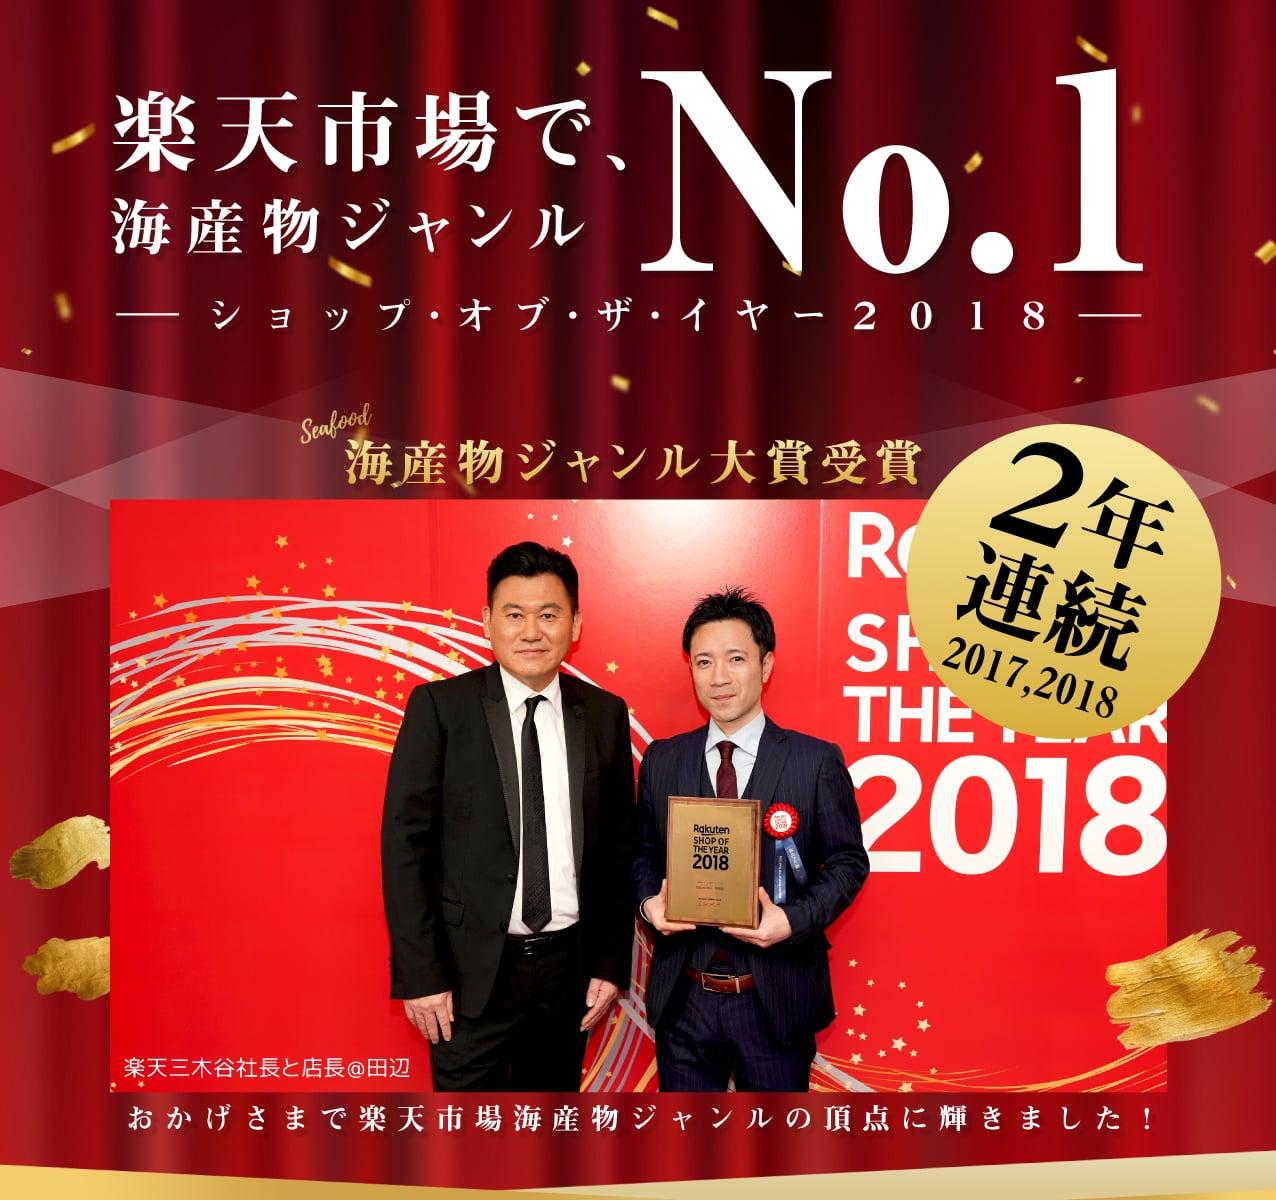 楽天ショップ・オブ・ザ・イヤー2018海産物ジャンル大賞受賞